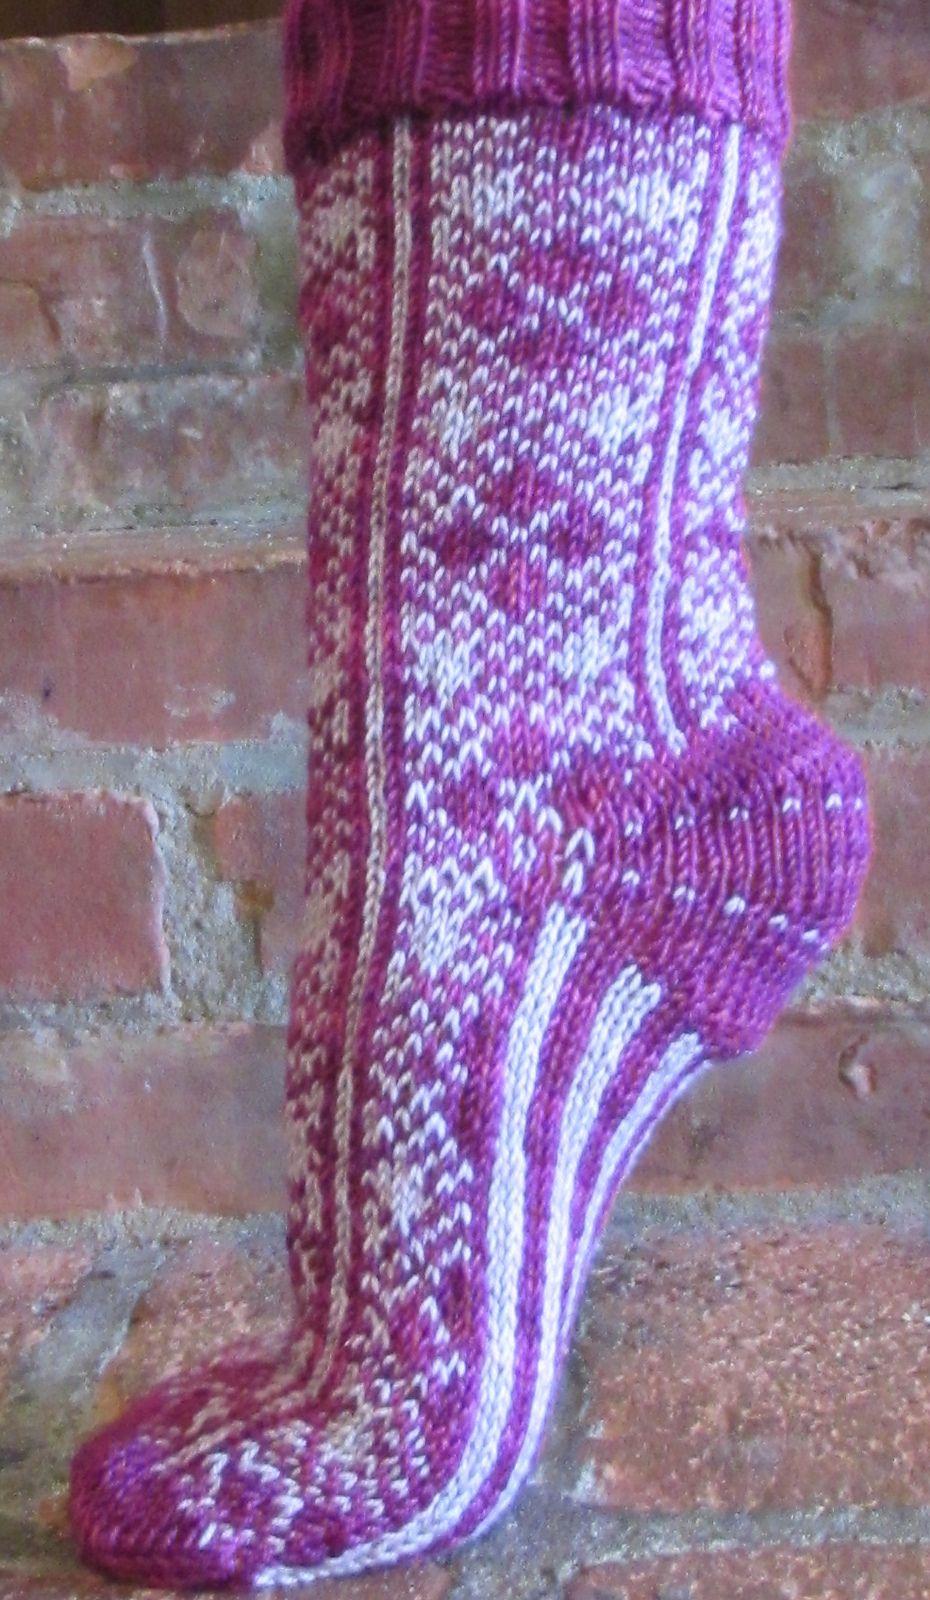 Ravelry: Argylish: Le modèle chaussette par Deborah Tomasello